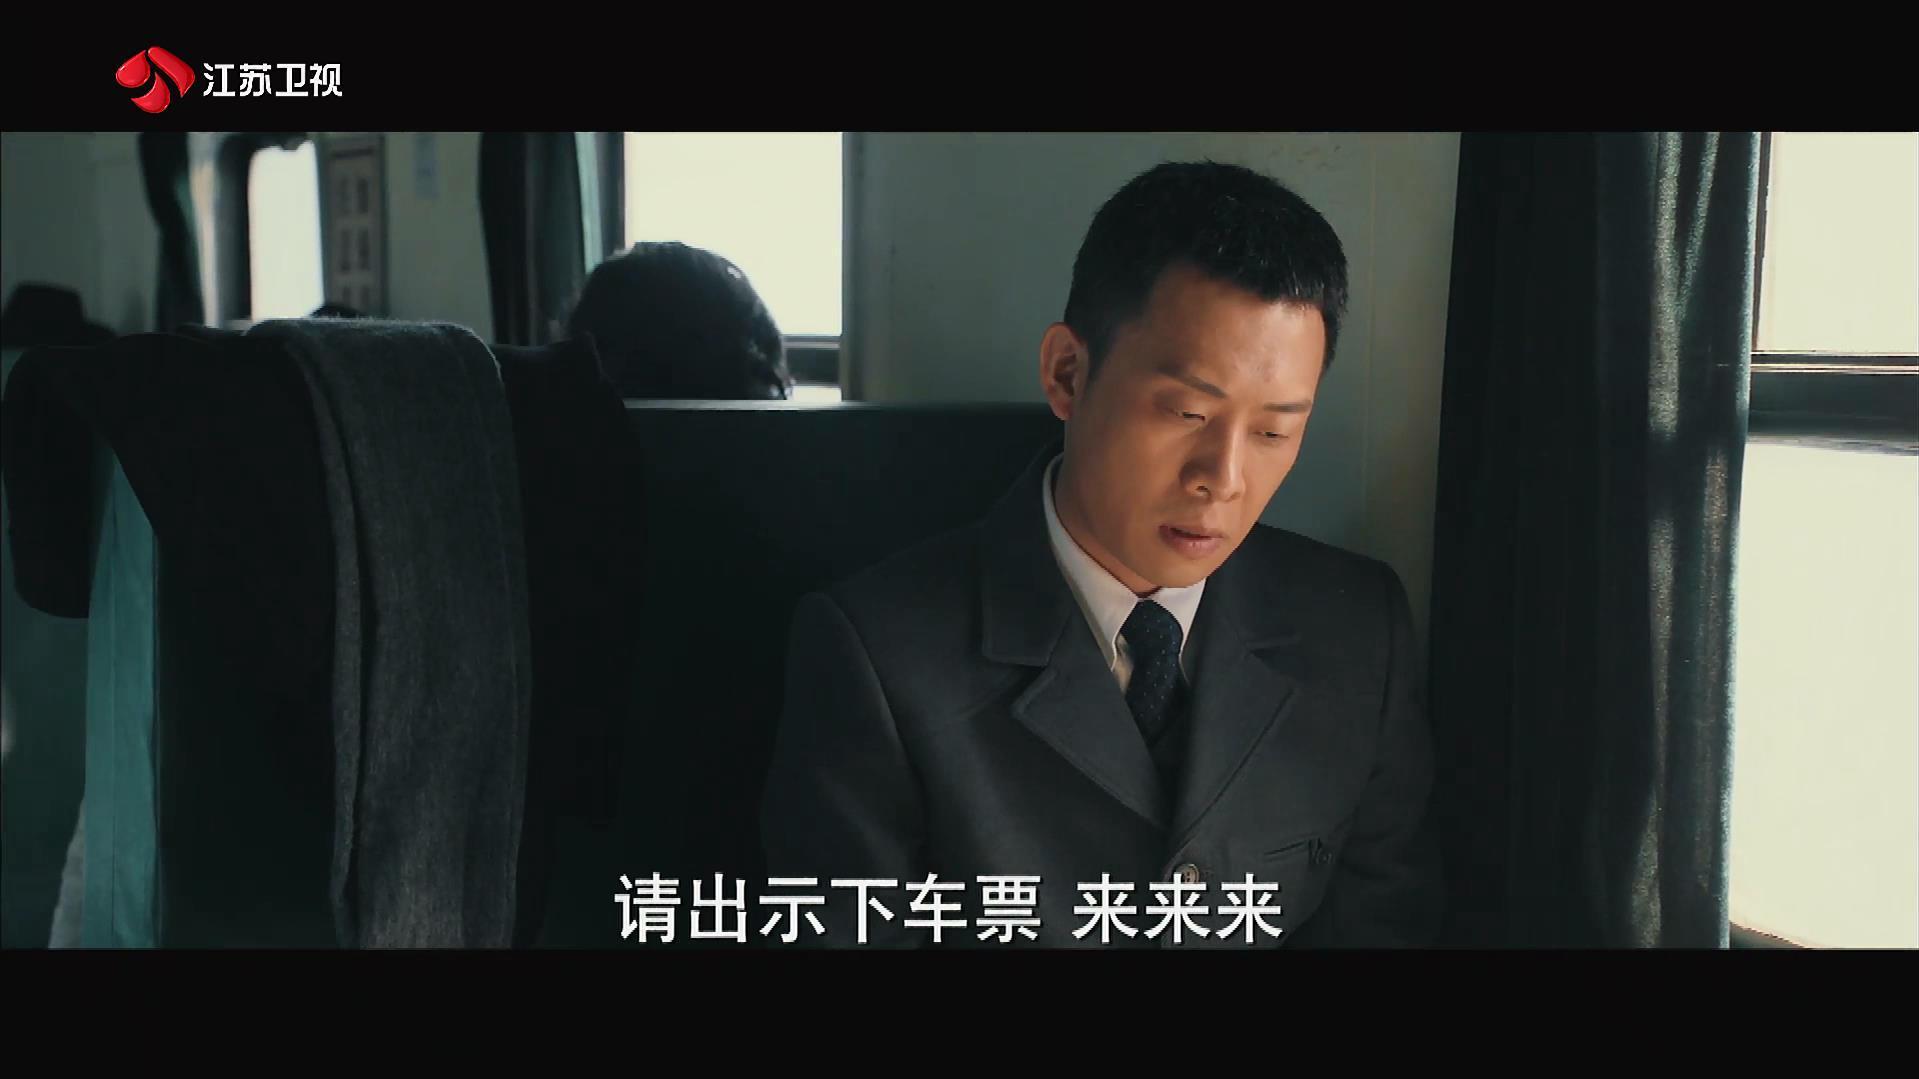 """在前往上海的火车上,""""候鸟""""现身和""""凤凰""""@演员黄志忠 接头"""